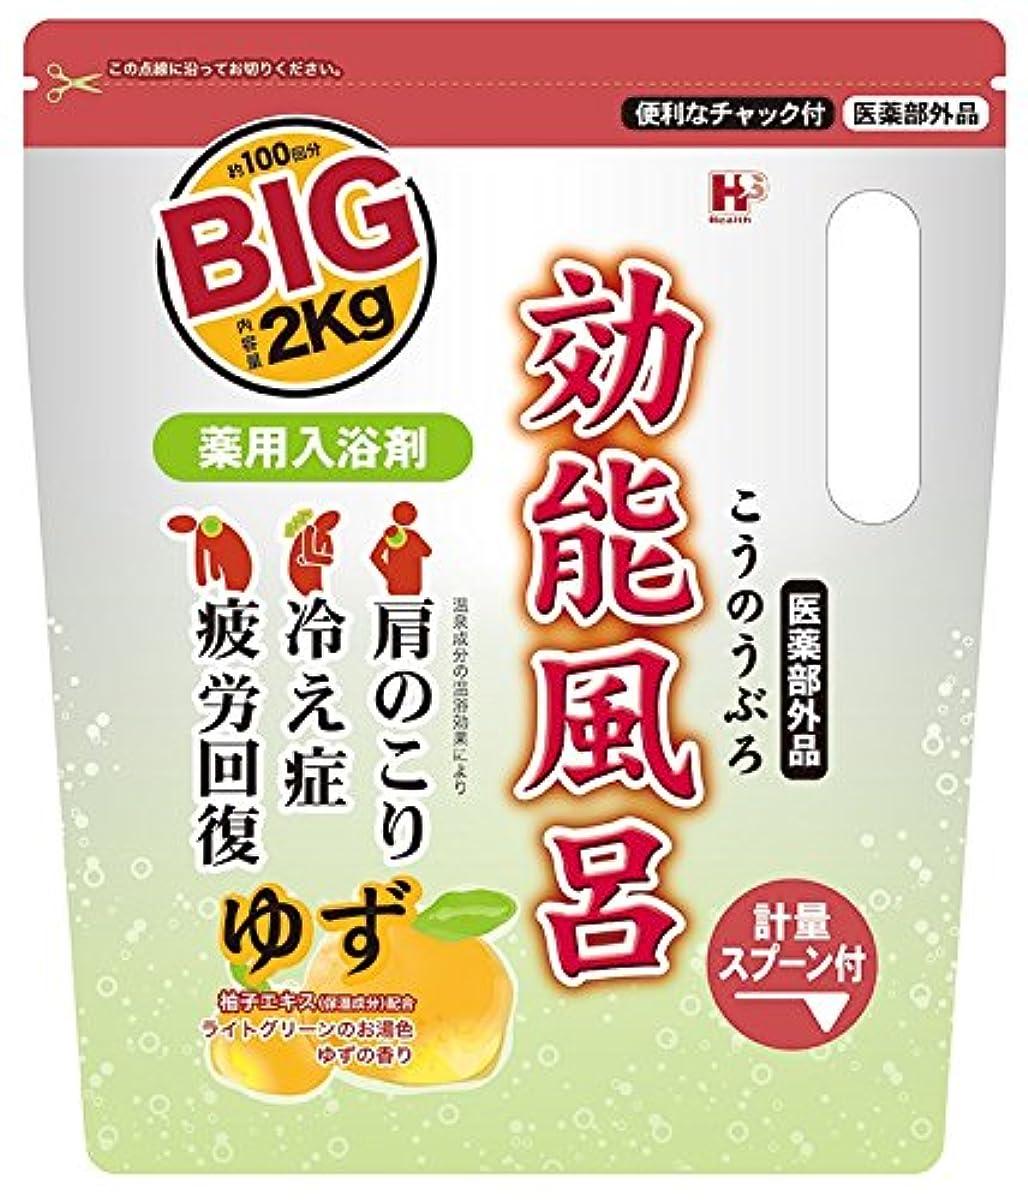 権威私たち自身ギャロップ薬用入浴剤 効能風呂 ゆずの香り BIGサイズ 2kg [医薬部外品]